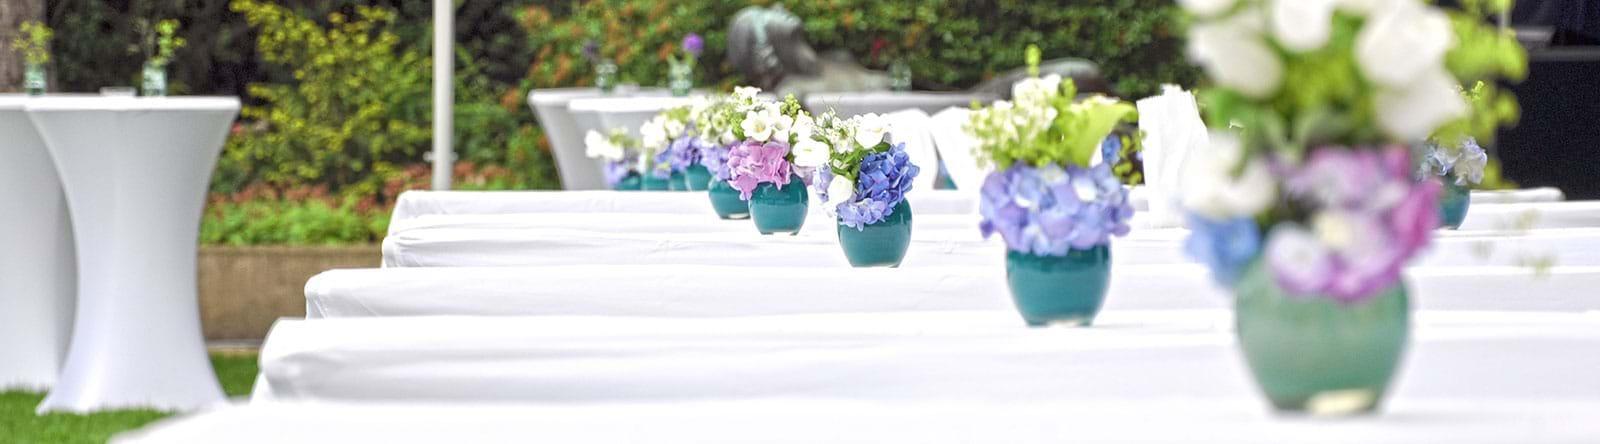 Sommerfeier Dekoration Blumen